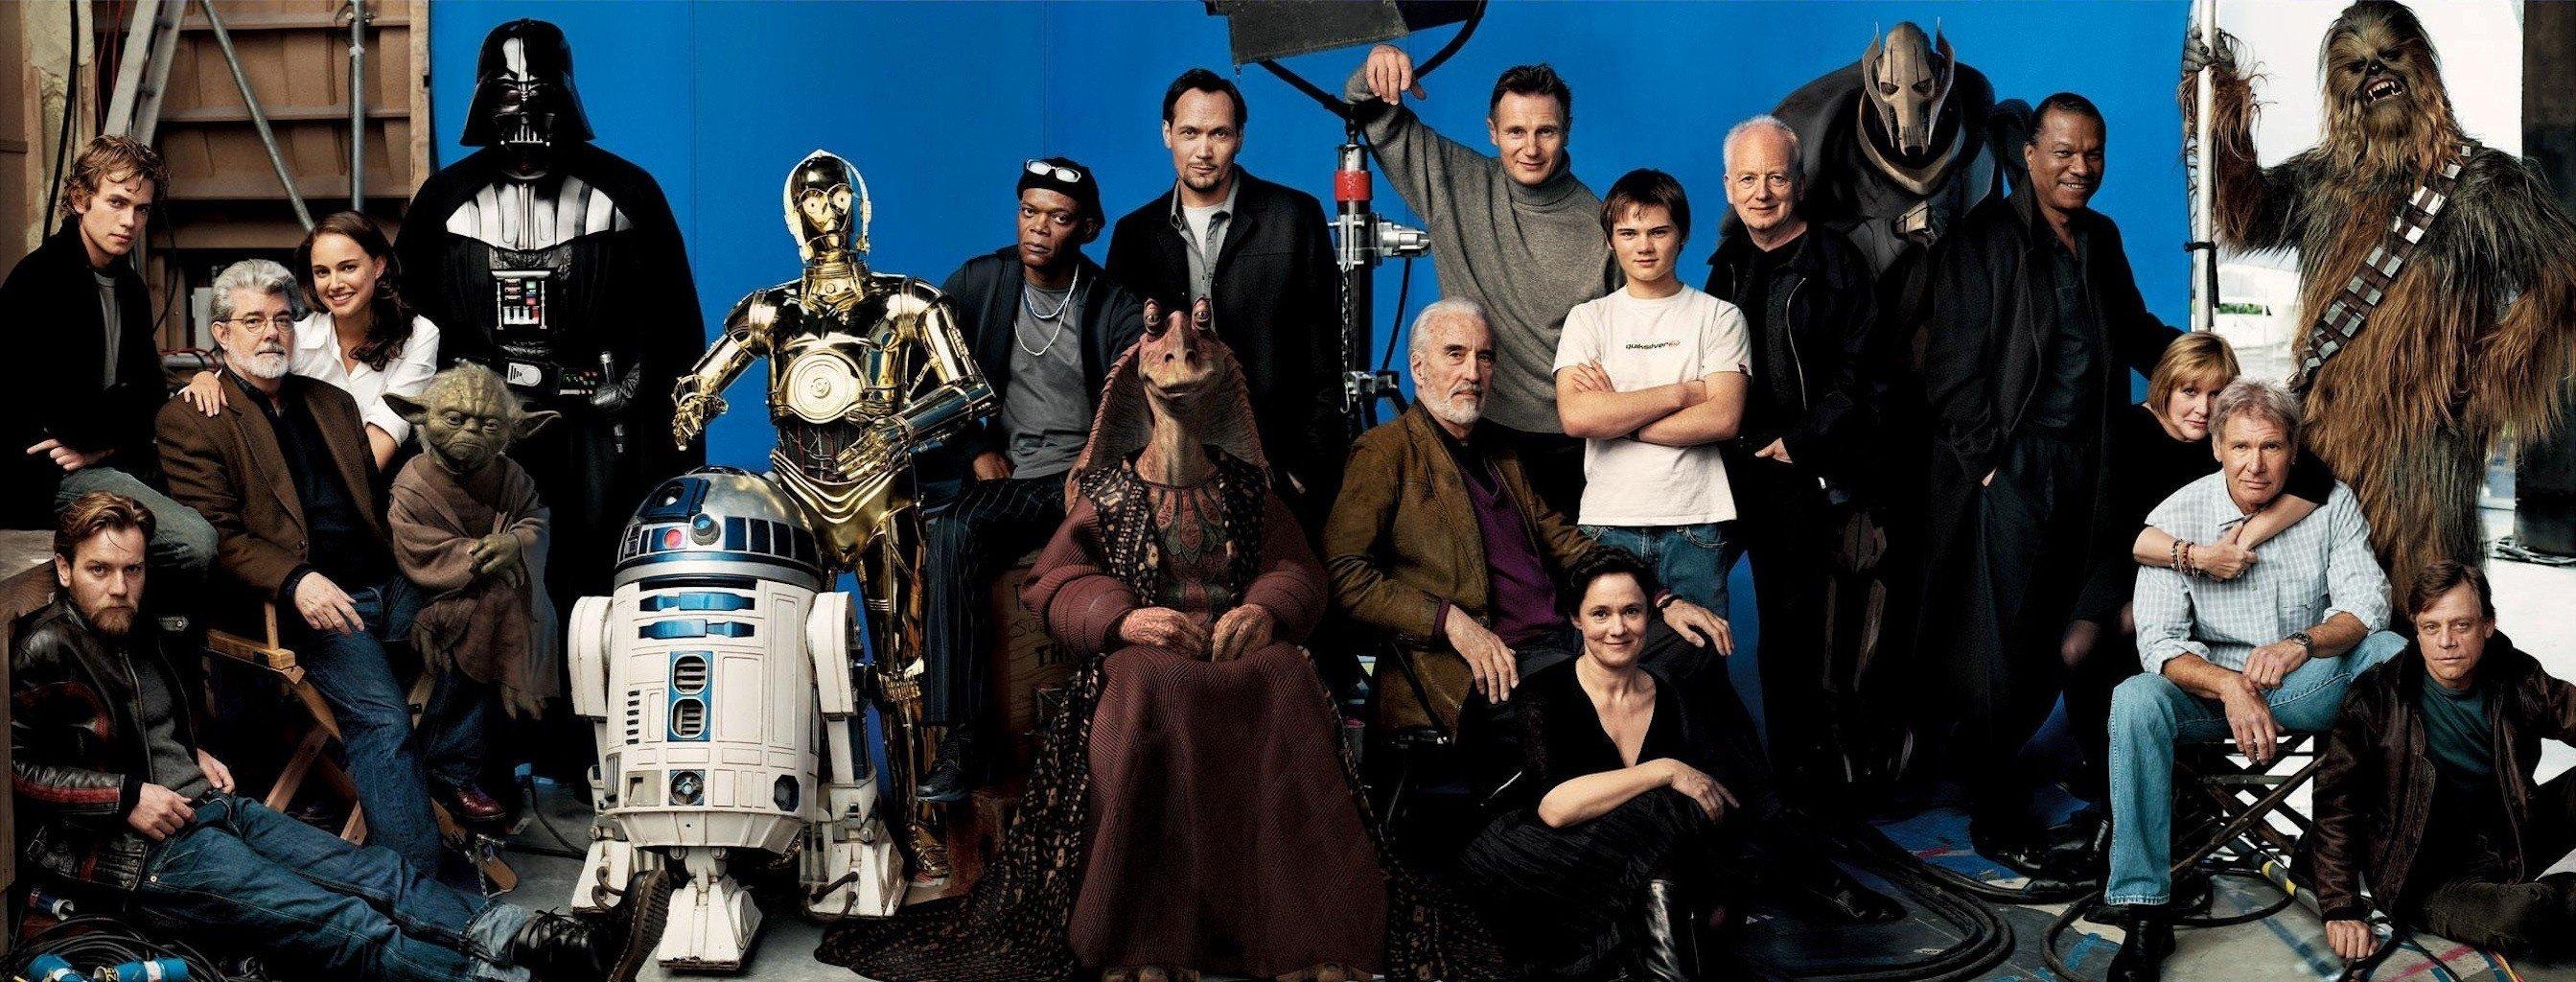 """Это было звездато. Рецензия на """"Звёздные войны: Пробуждение силы"""". - Изображение 3"""